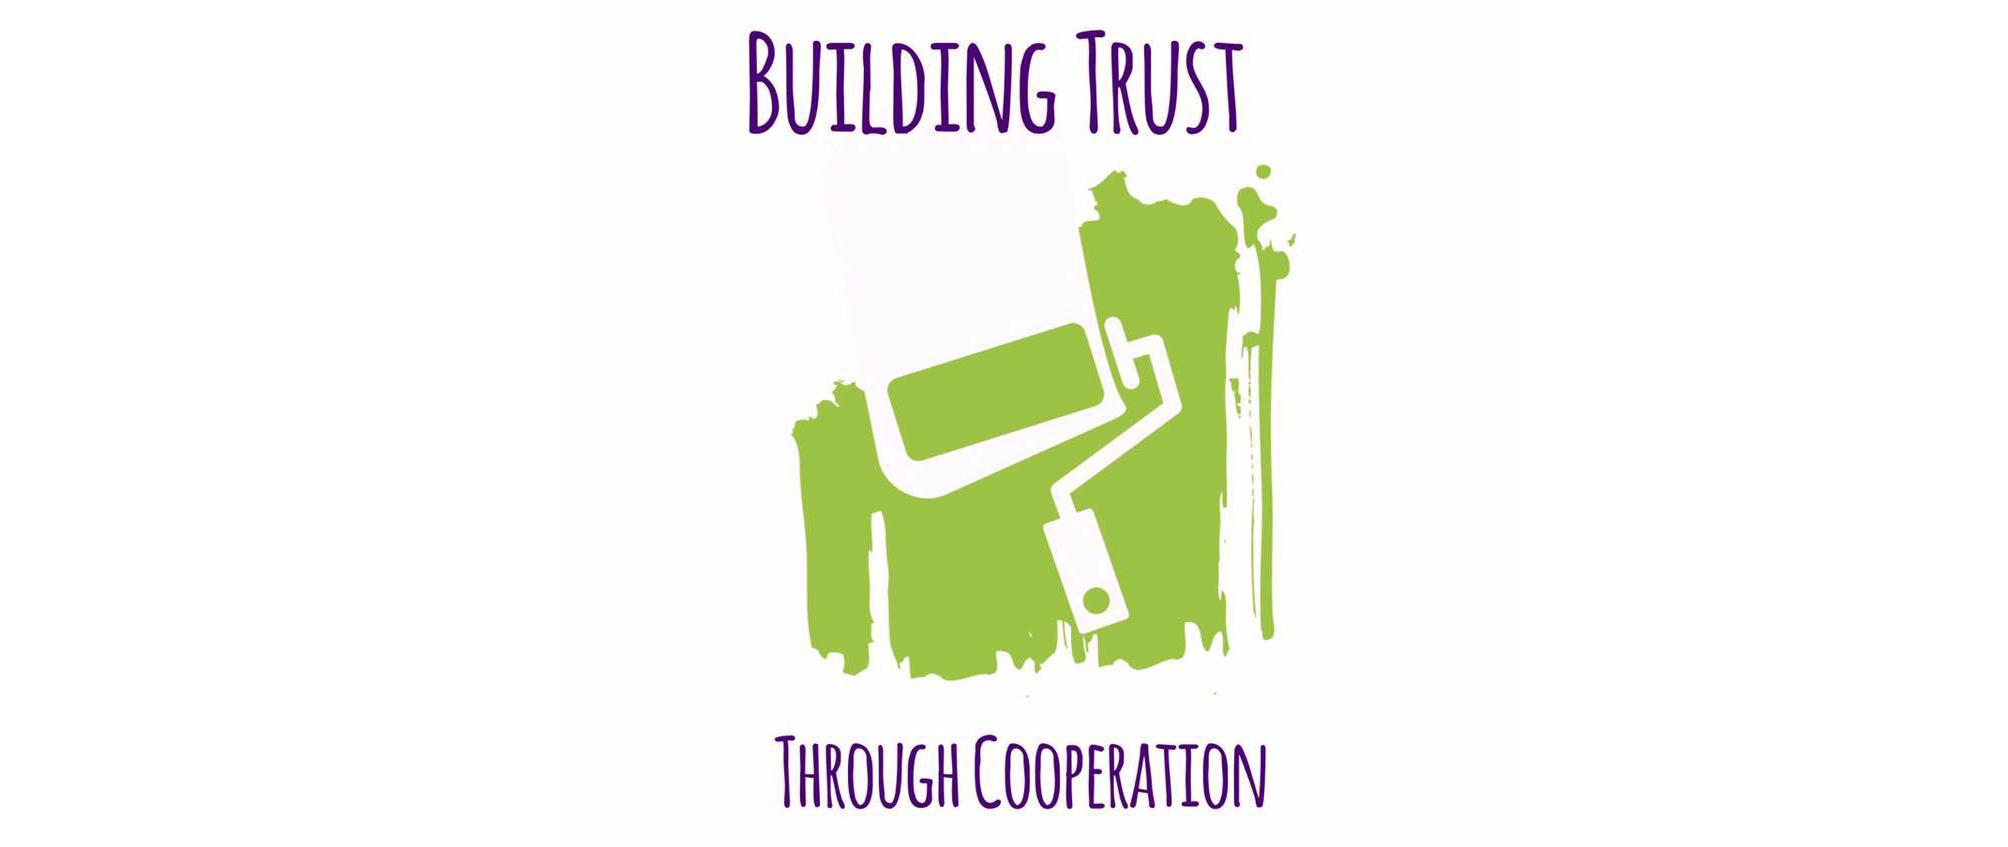 Building-Trust-Through-Cooperation